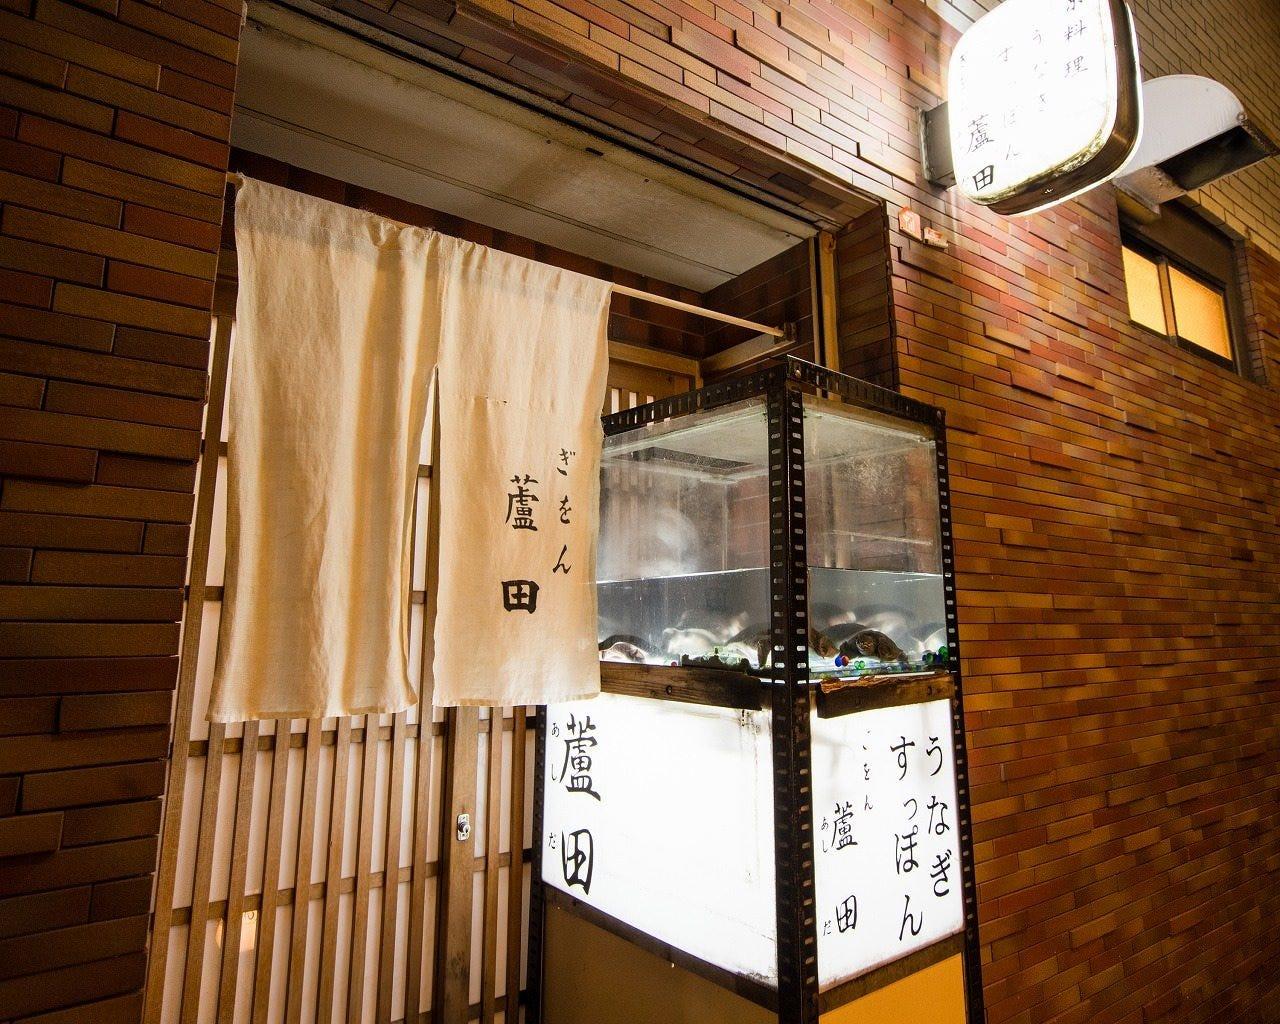 祇園の大人の隠れ家